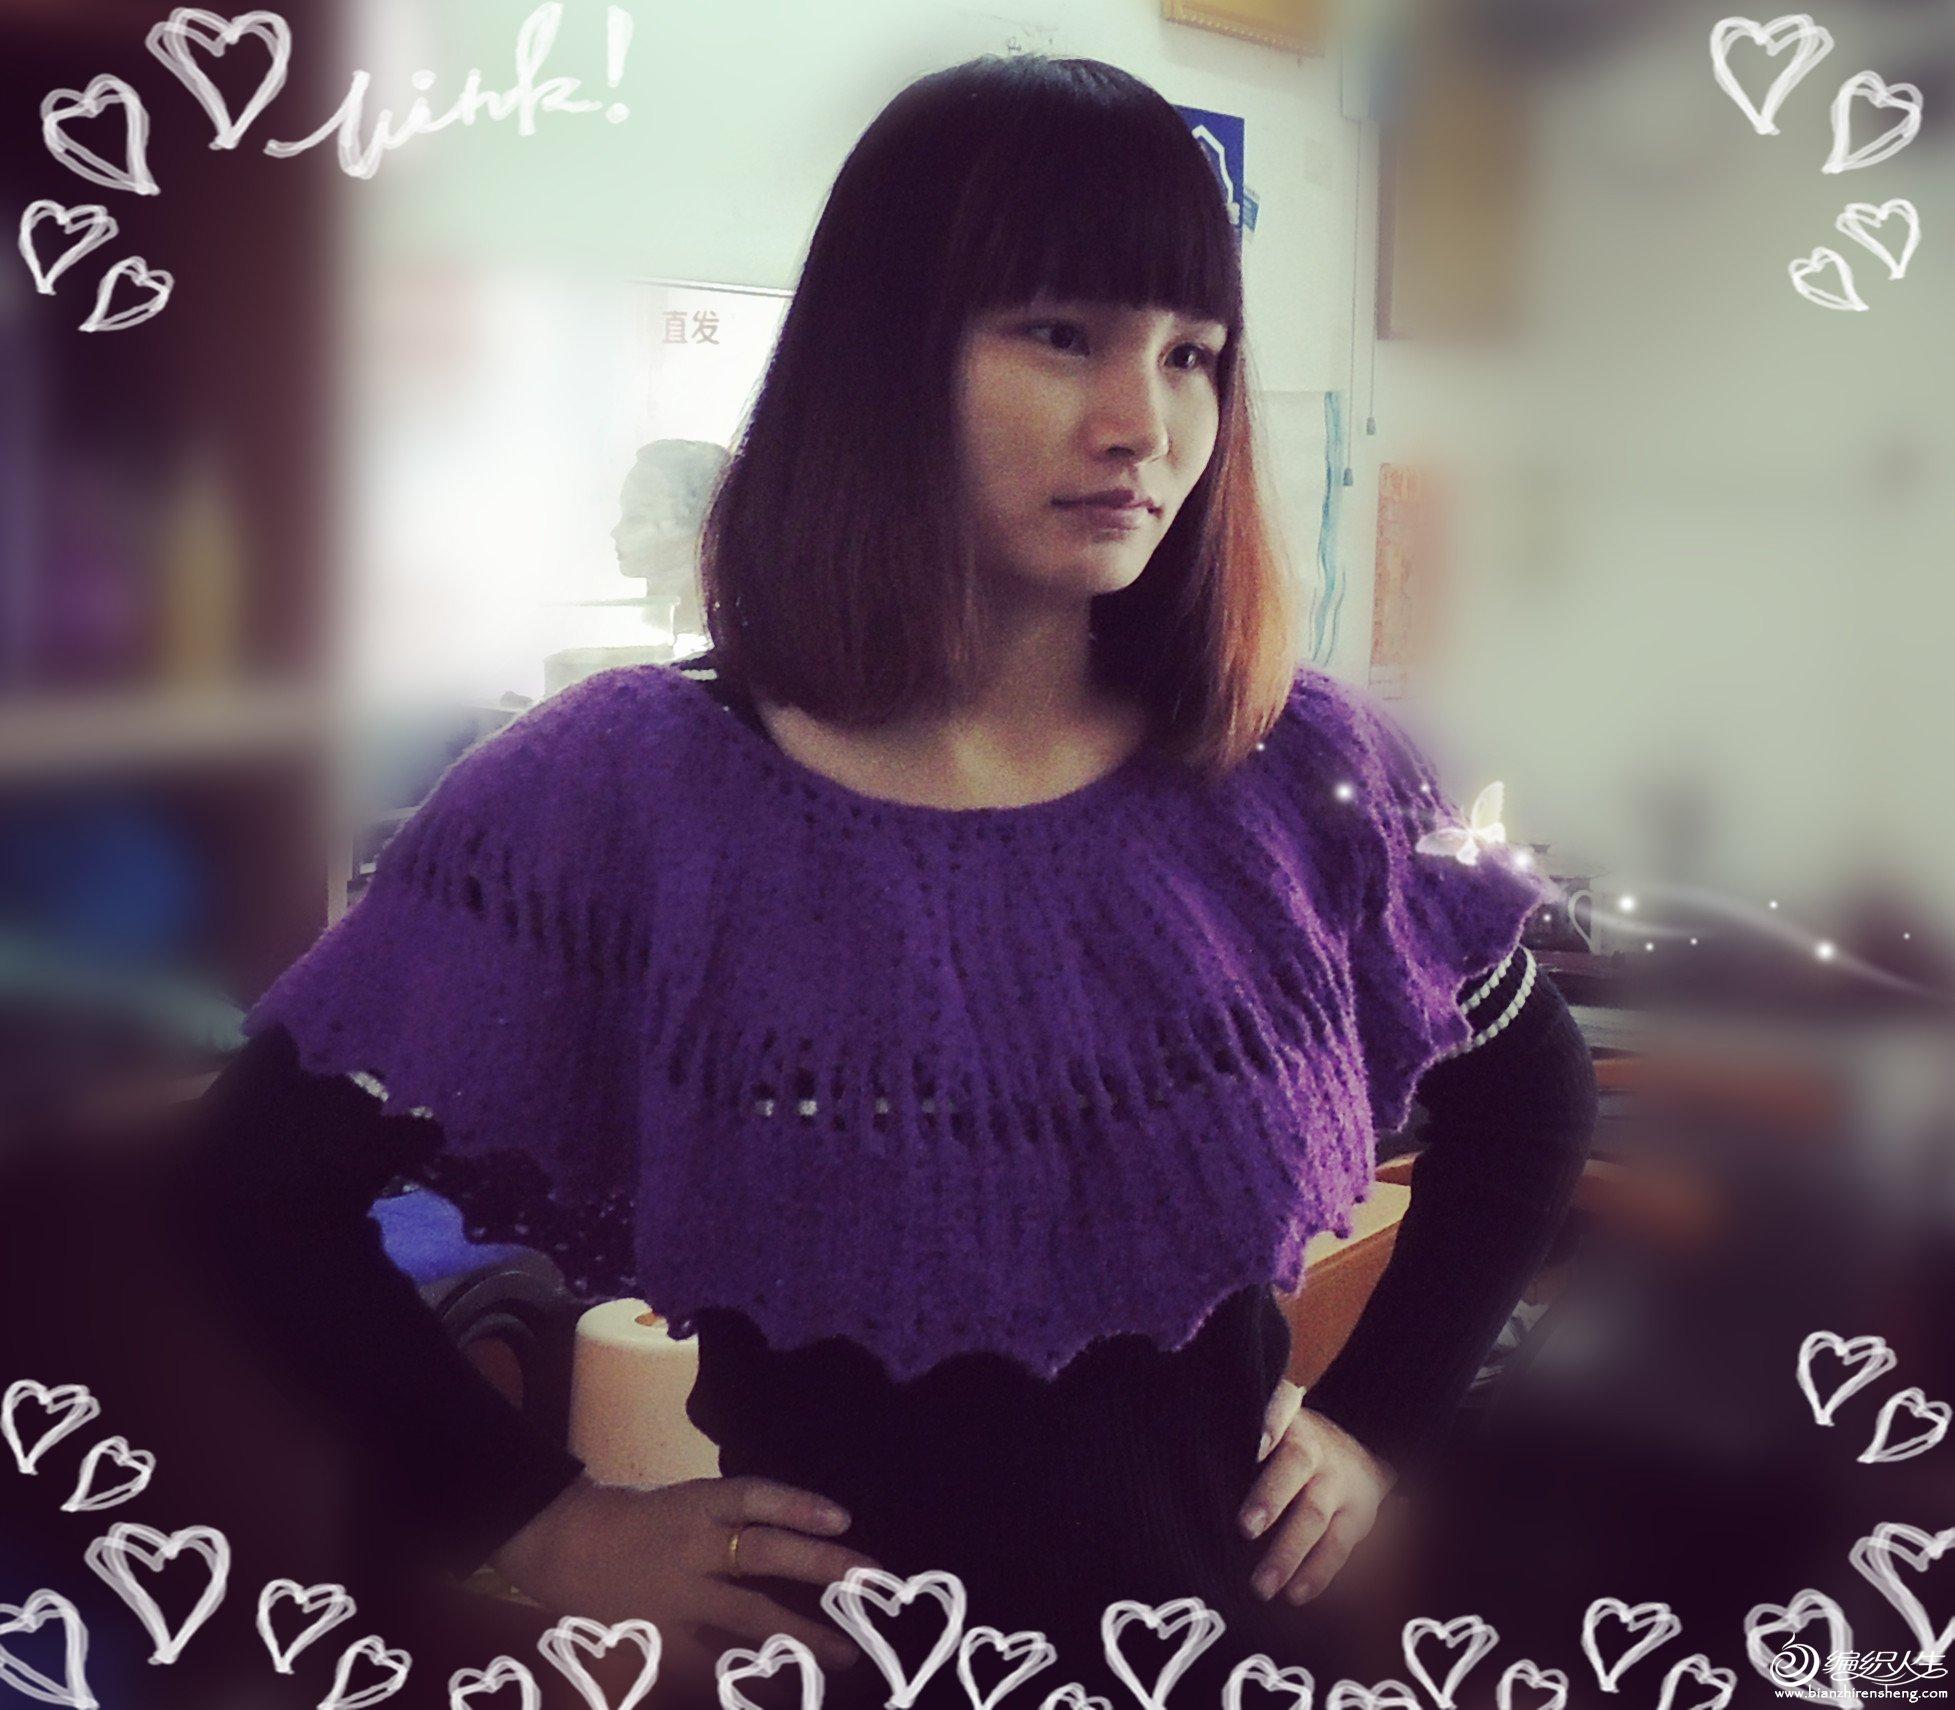 紫色斗篷.jpg